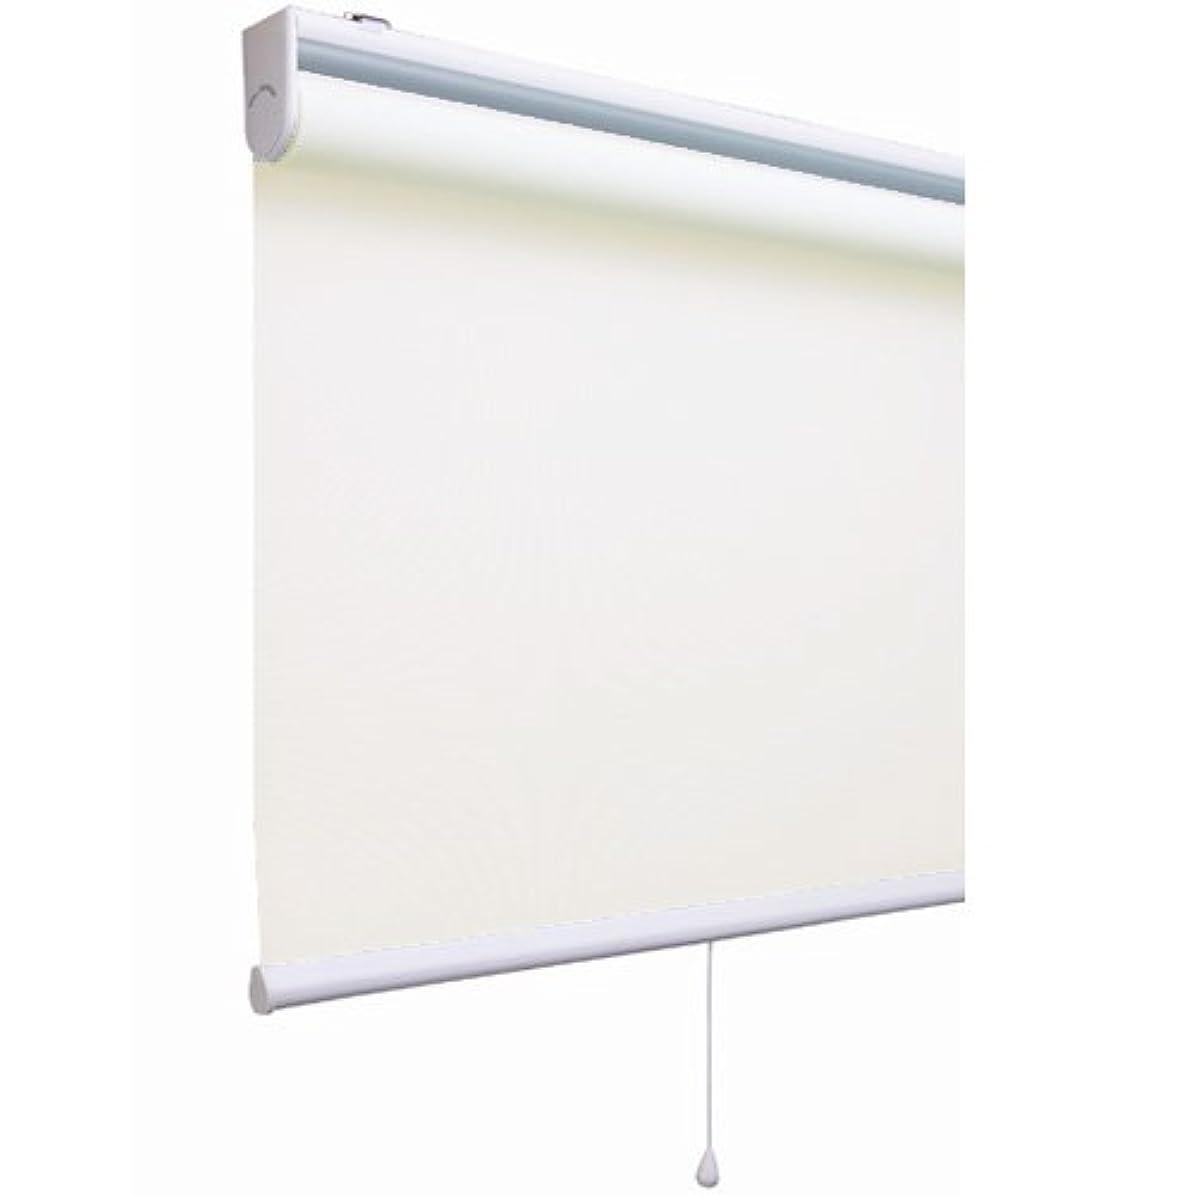 特許平均部分的にプレーン(無地)タイプのロールスクリーン 「アルティス」(幅90cmx丈220cm)アイボリー